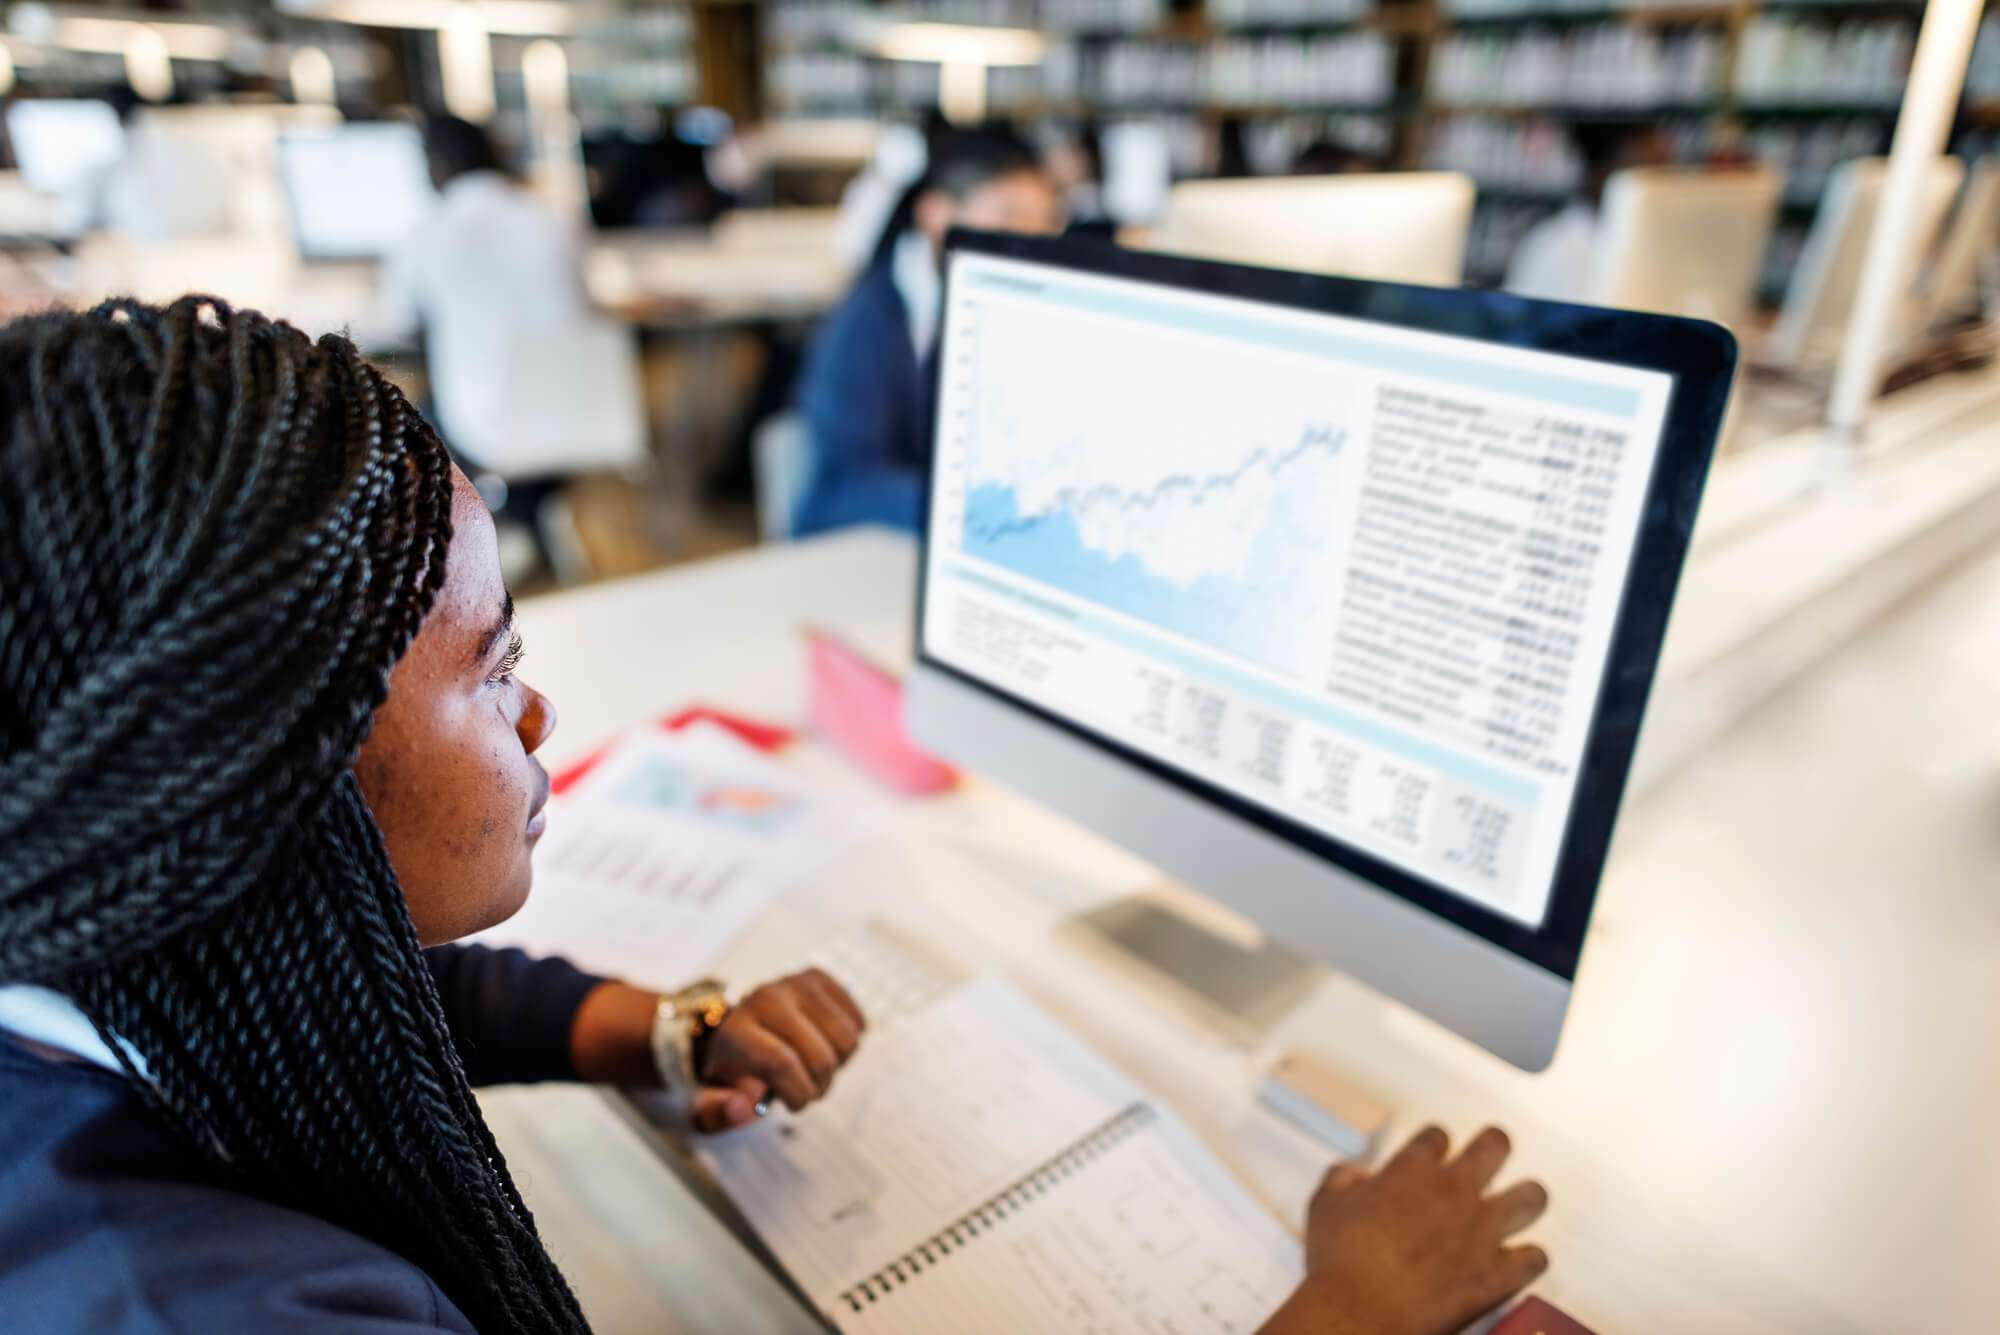 Escola De Negócios: O Que Levar Em Consideração Na Escolha?